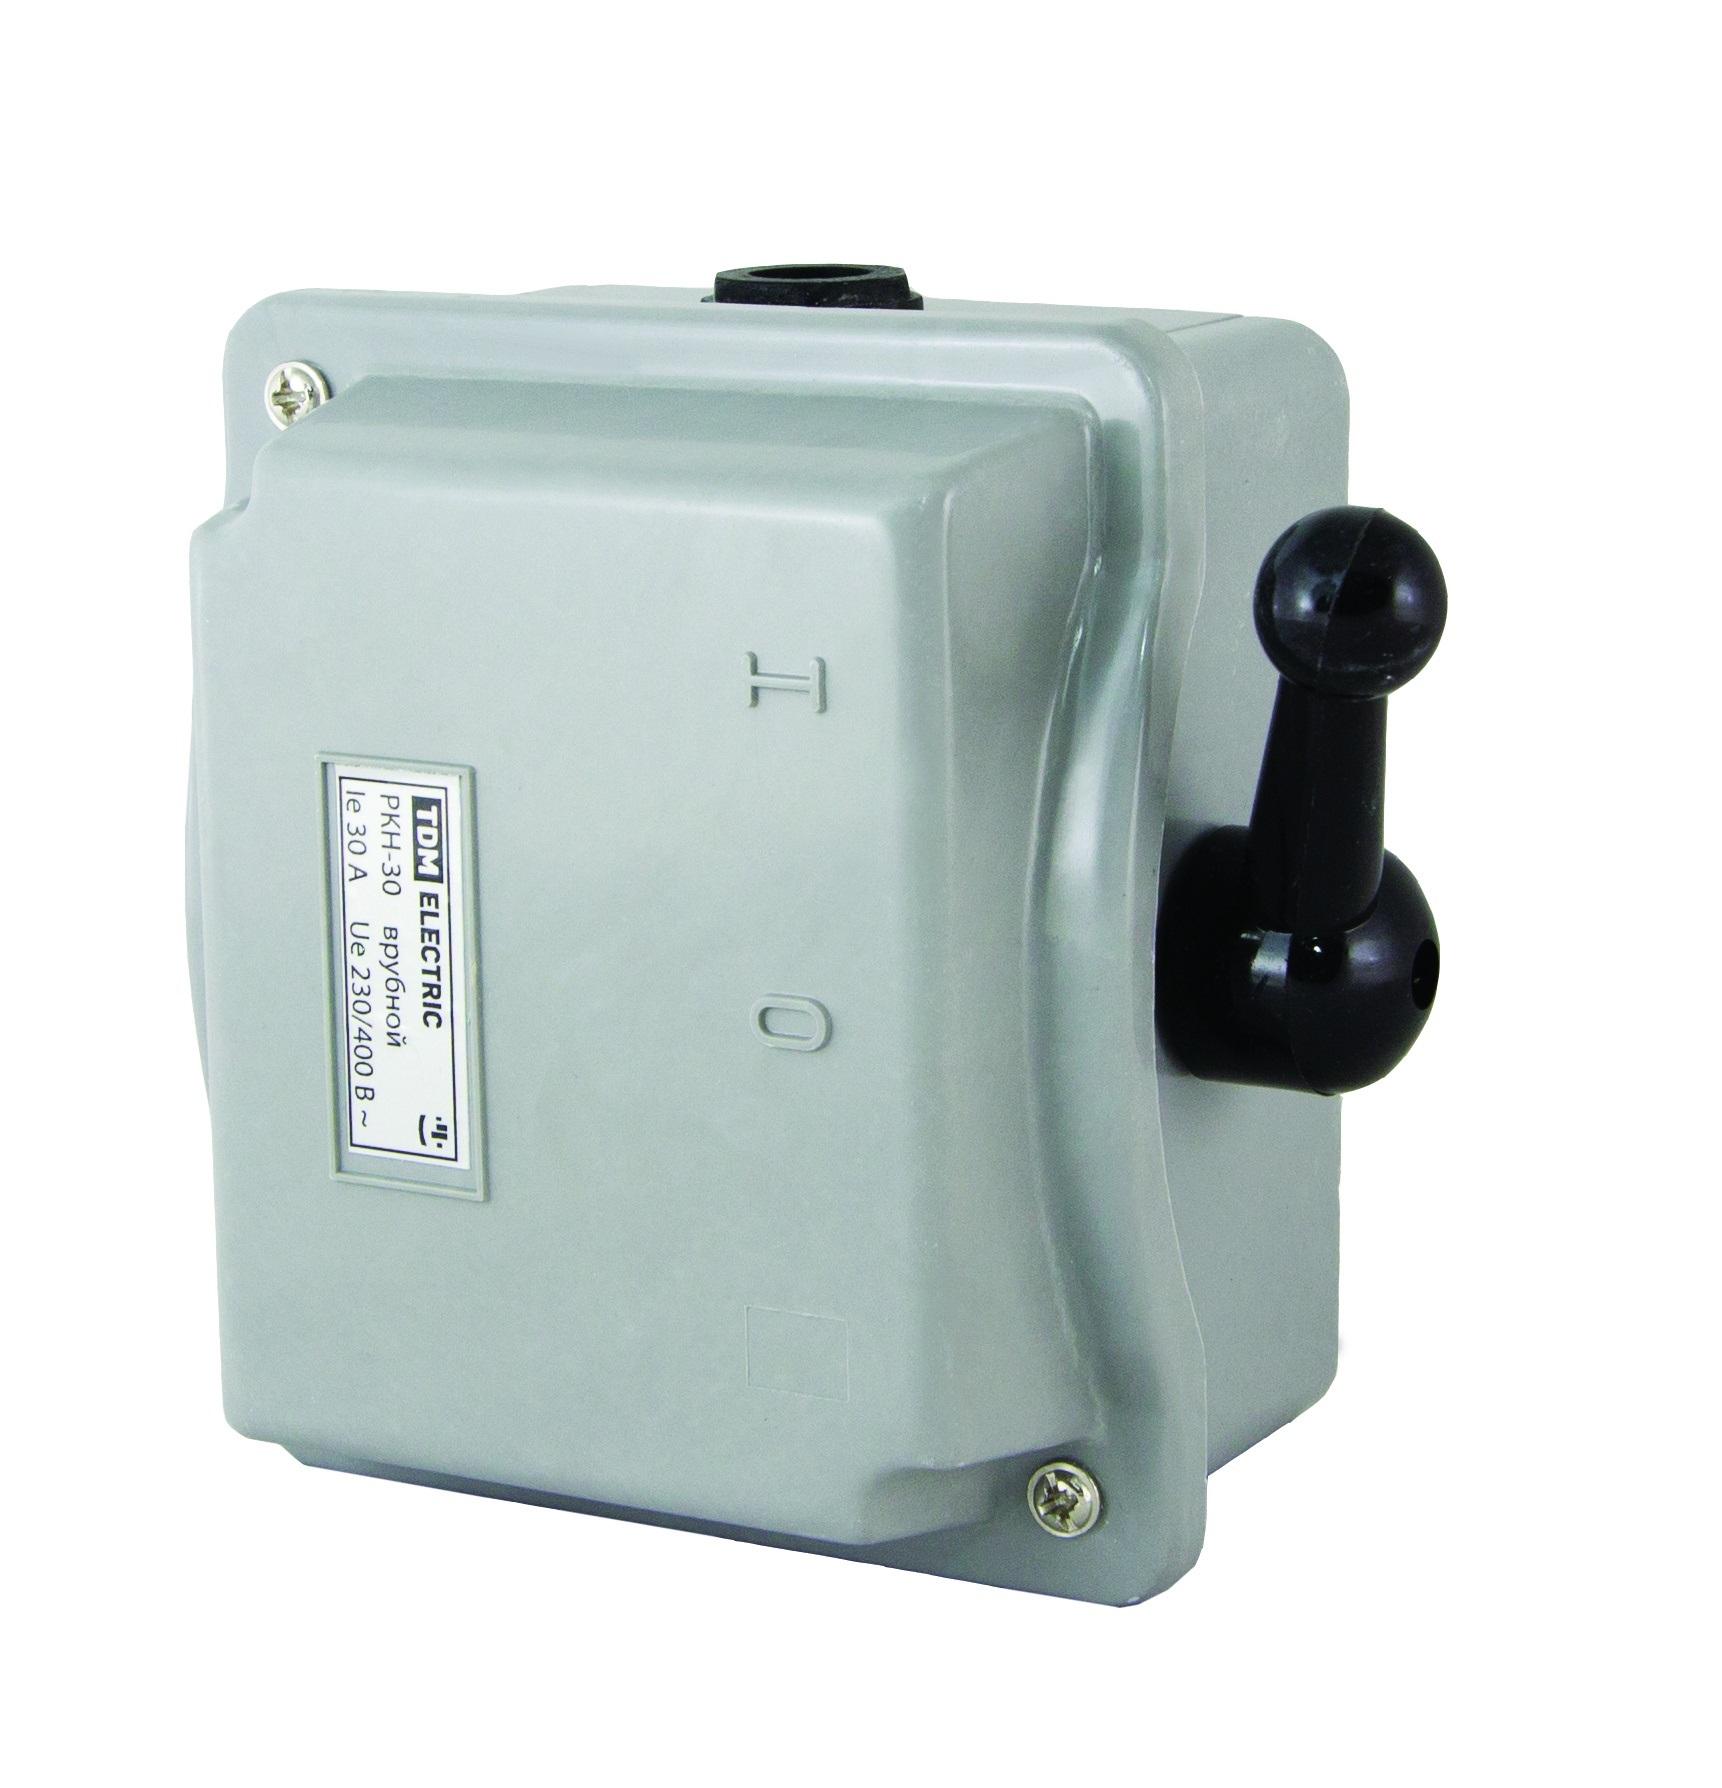 Рубильник ТДМАвтоматические выключатели<br>Номинальный ток: 15, Тип выключателя: рубильник, Количество полюсов: 3, Степень защиты от пыли и влаги: IP 40<br>